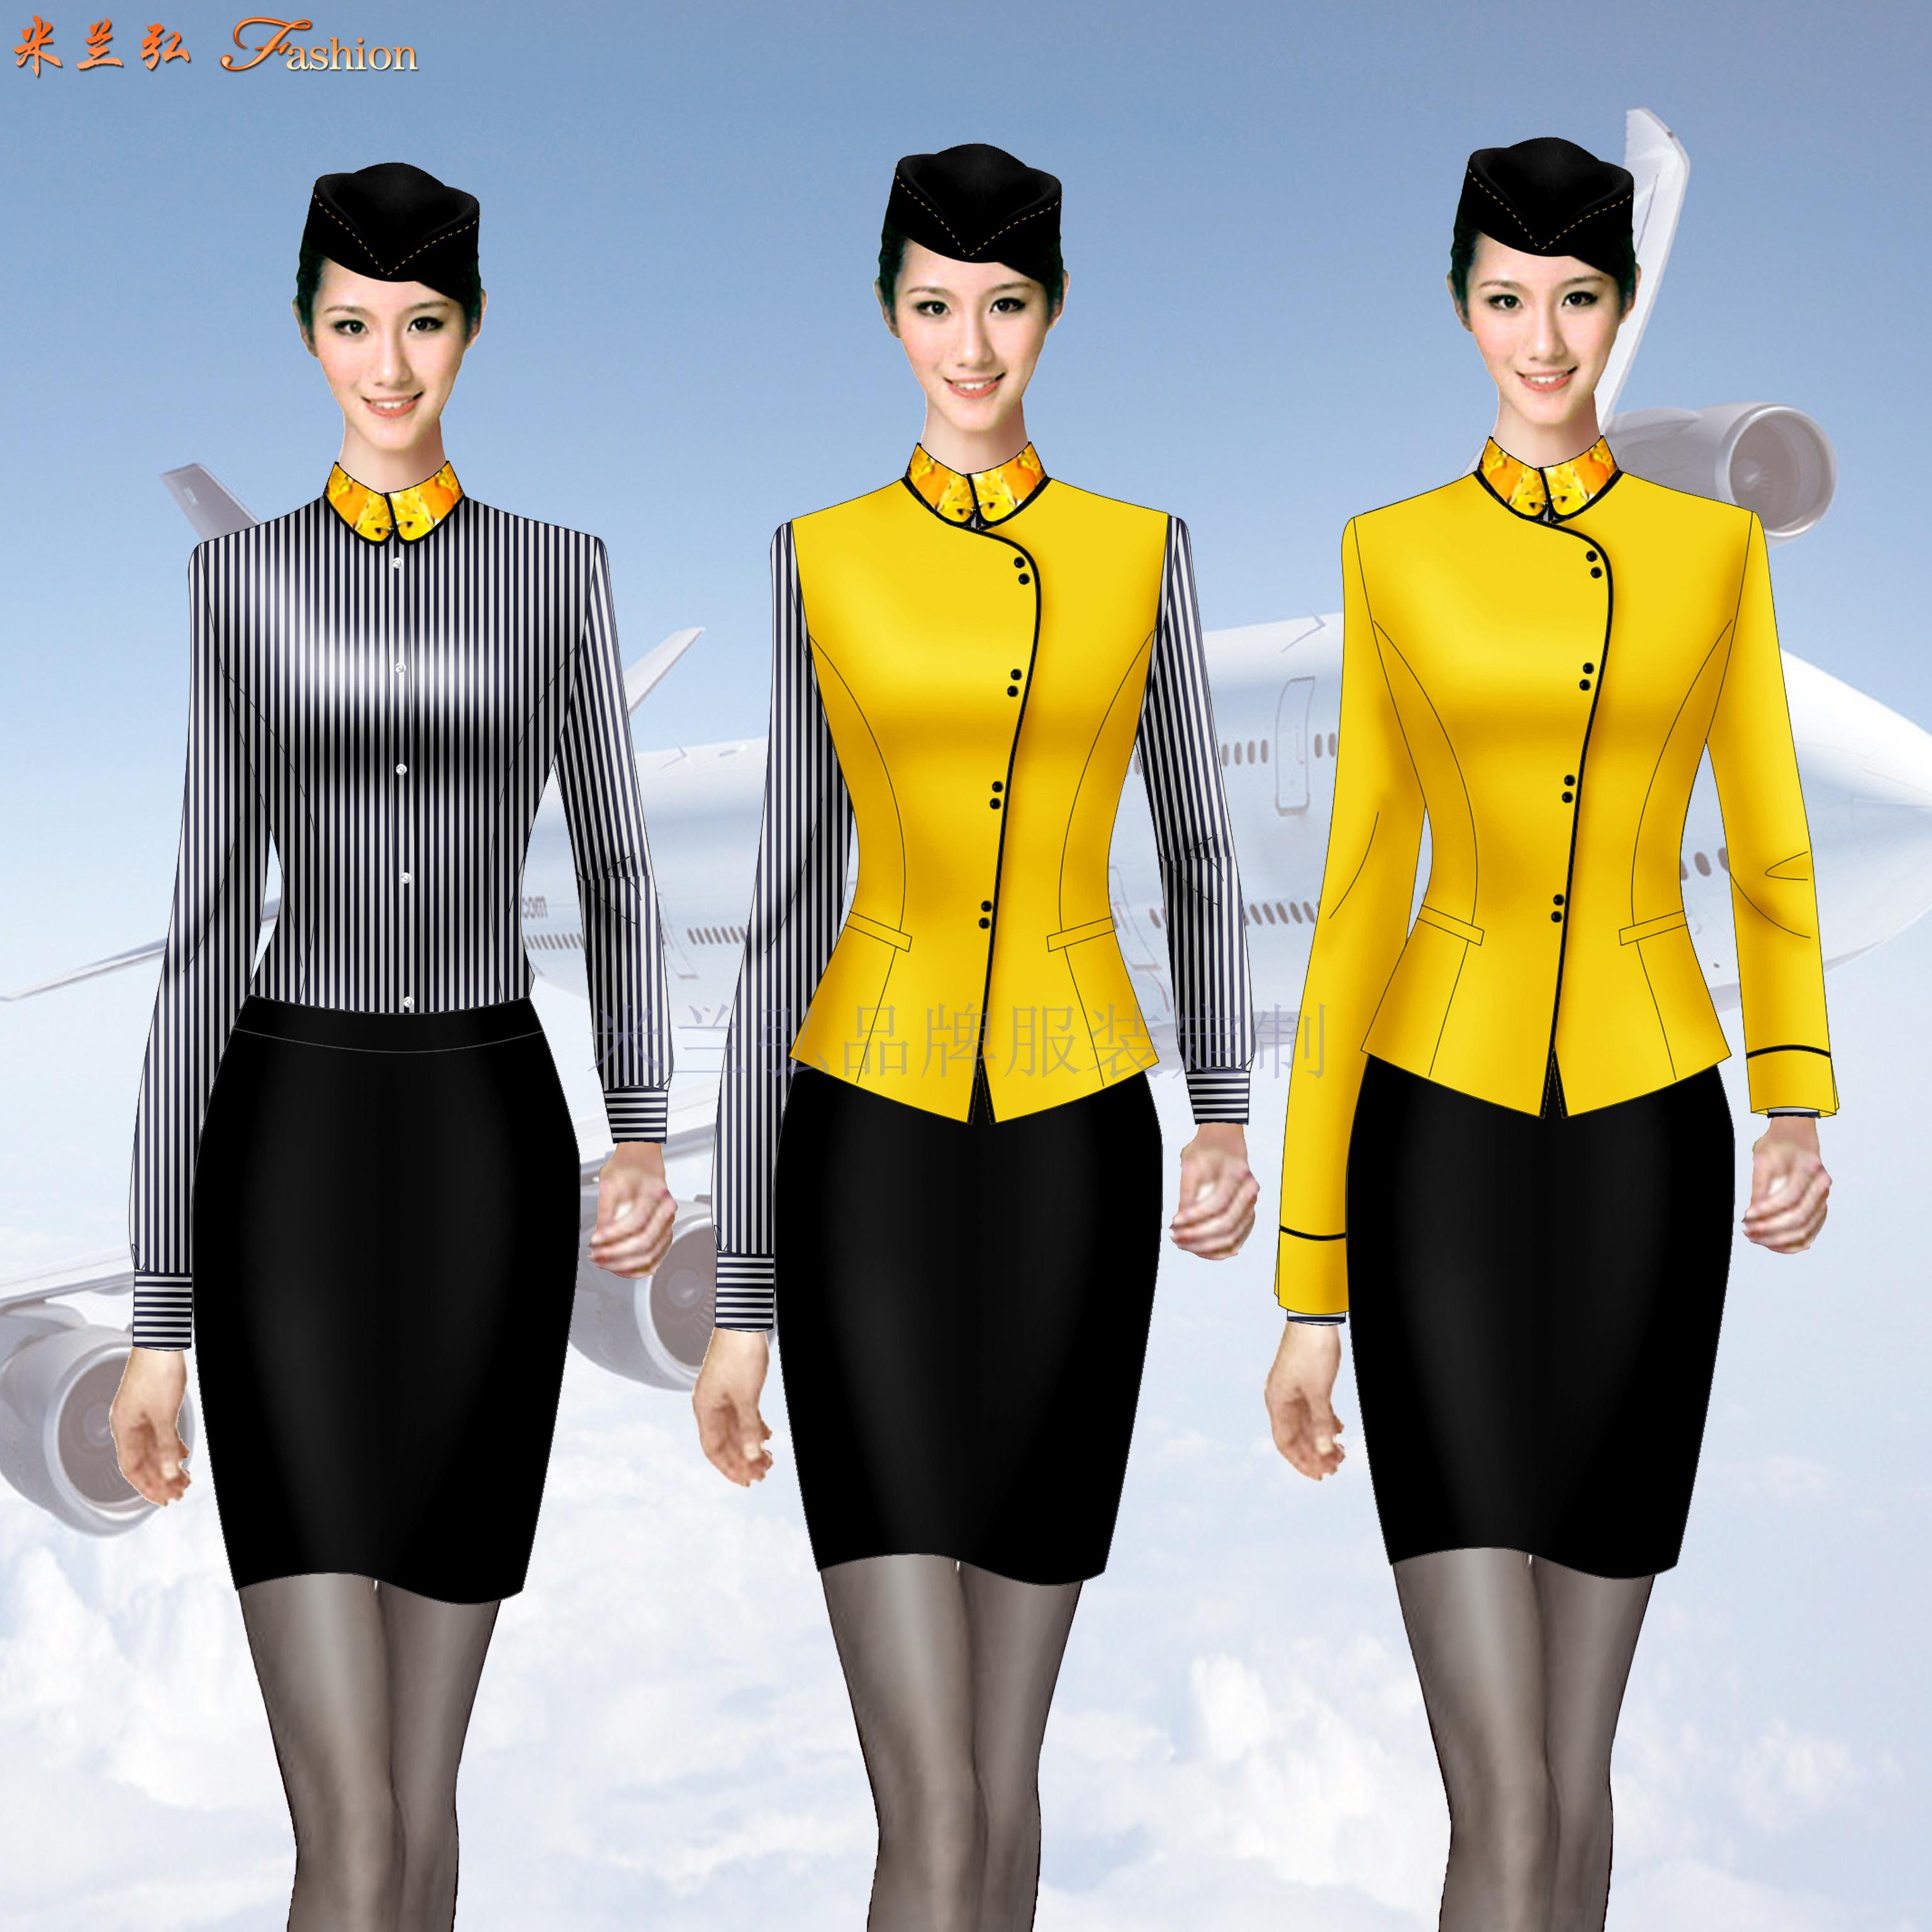 「空姐服」銀川量體定做航空公司空姐服-米蘭弘服裝-1